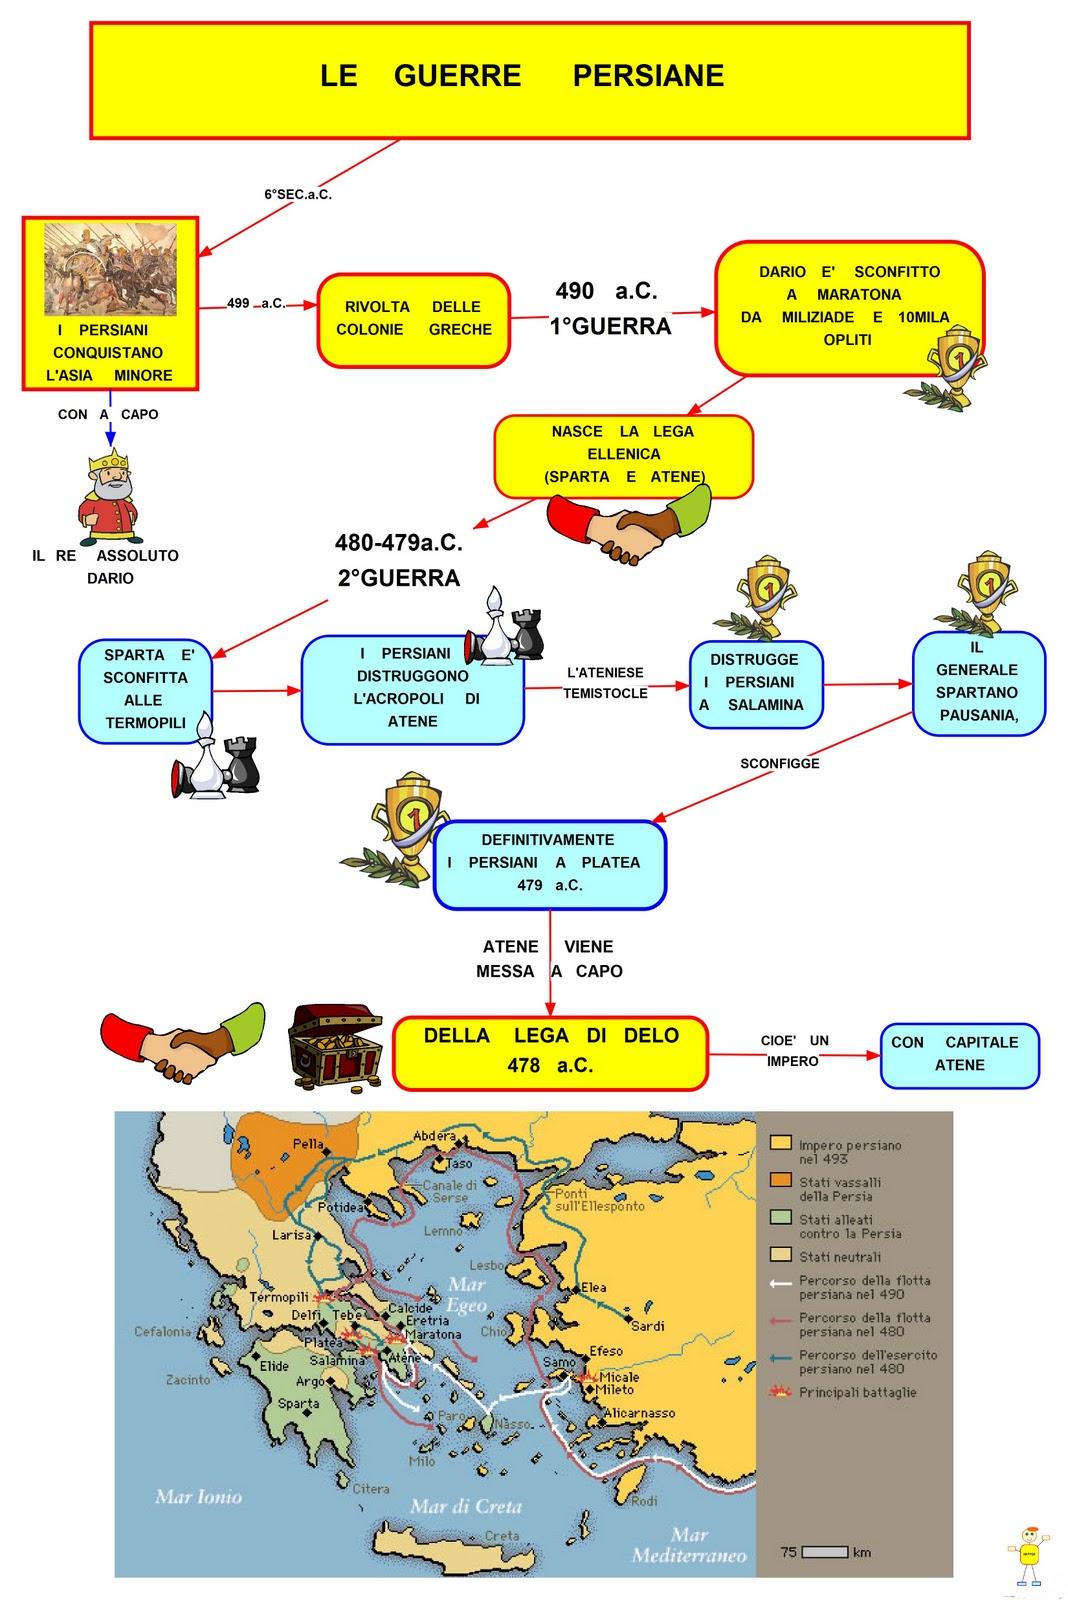 Mappa Concettuale Lega Di Delo Scuolissimacom